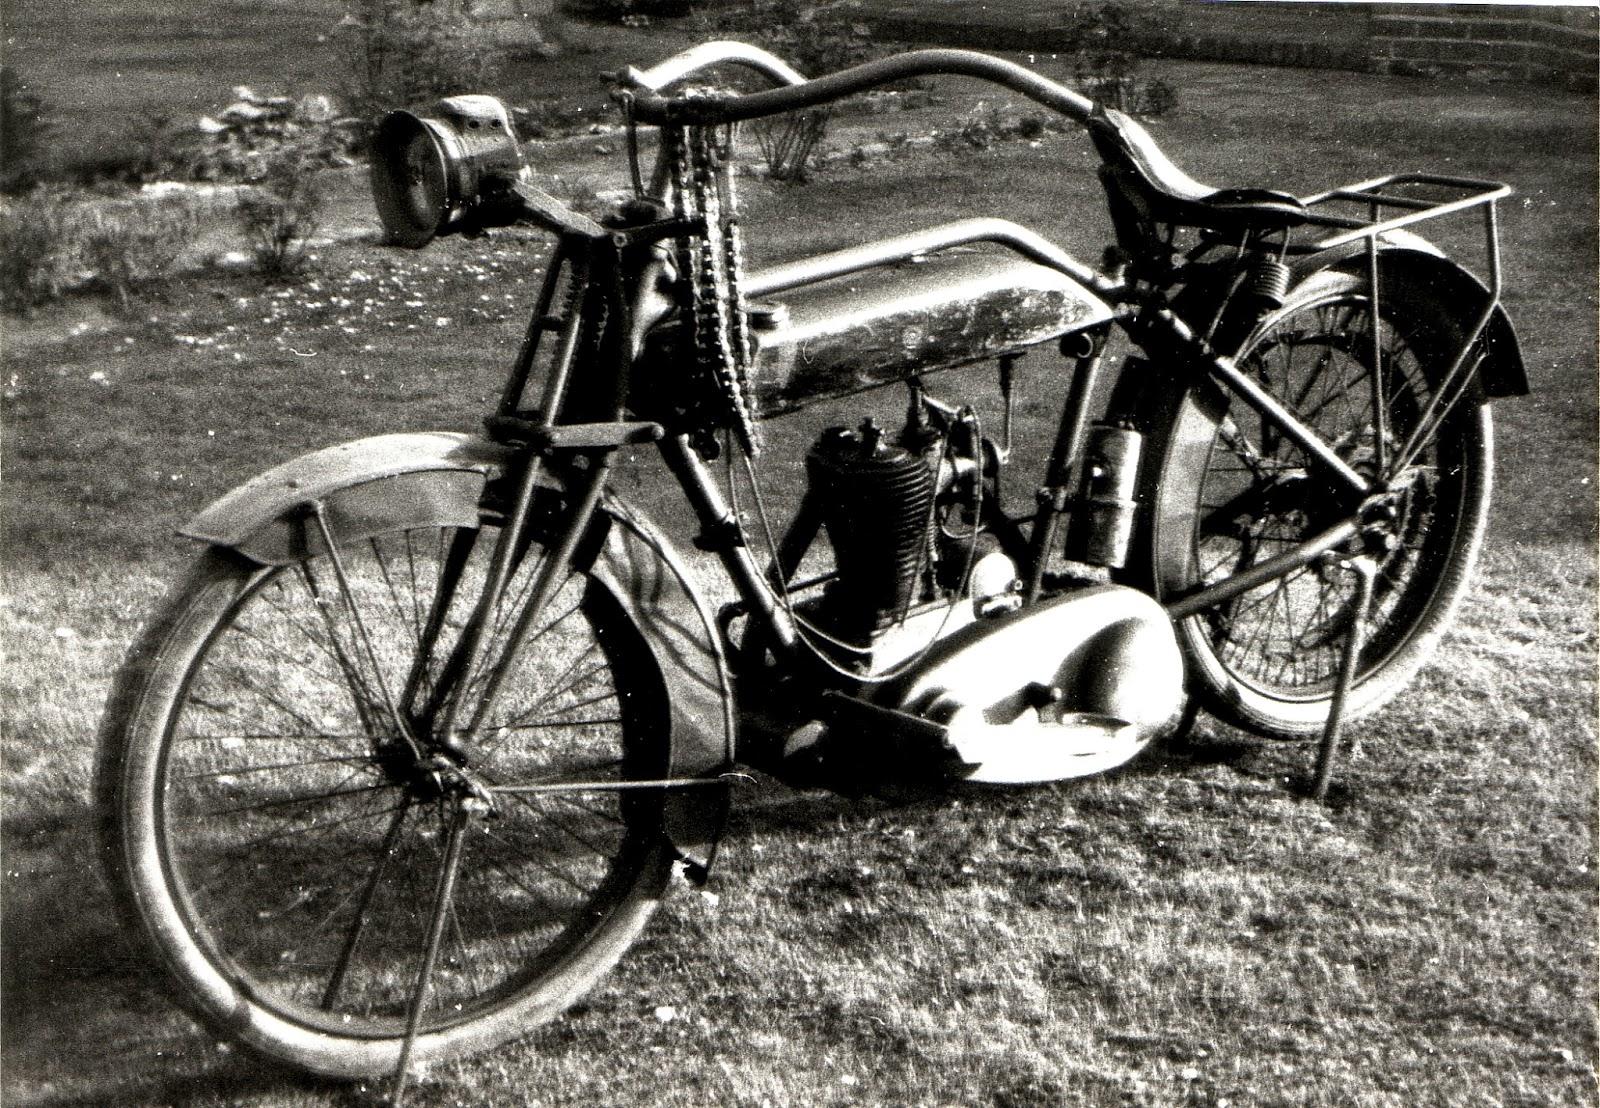 1919 Quadrant 4.5hp